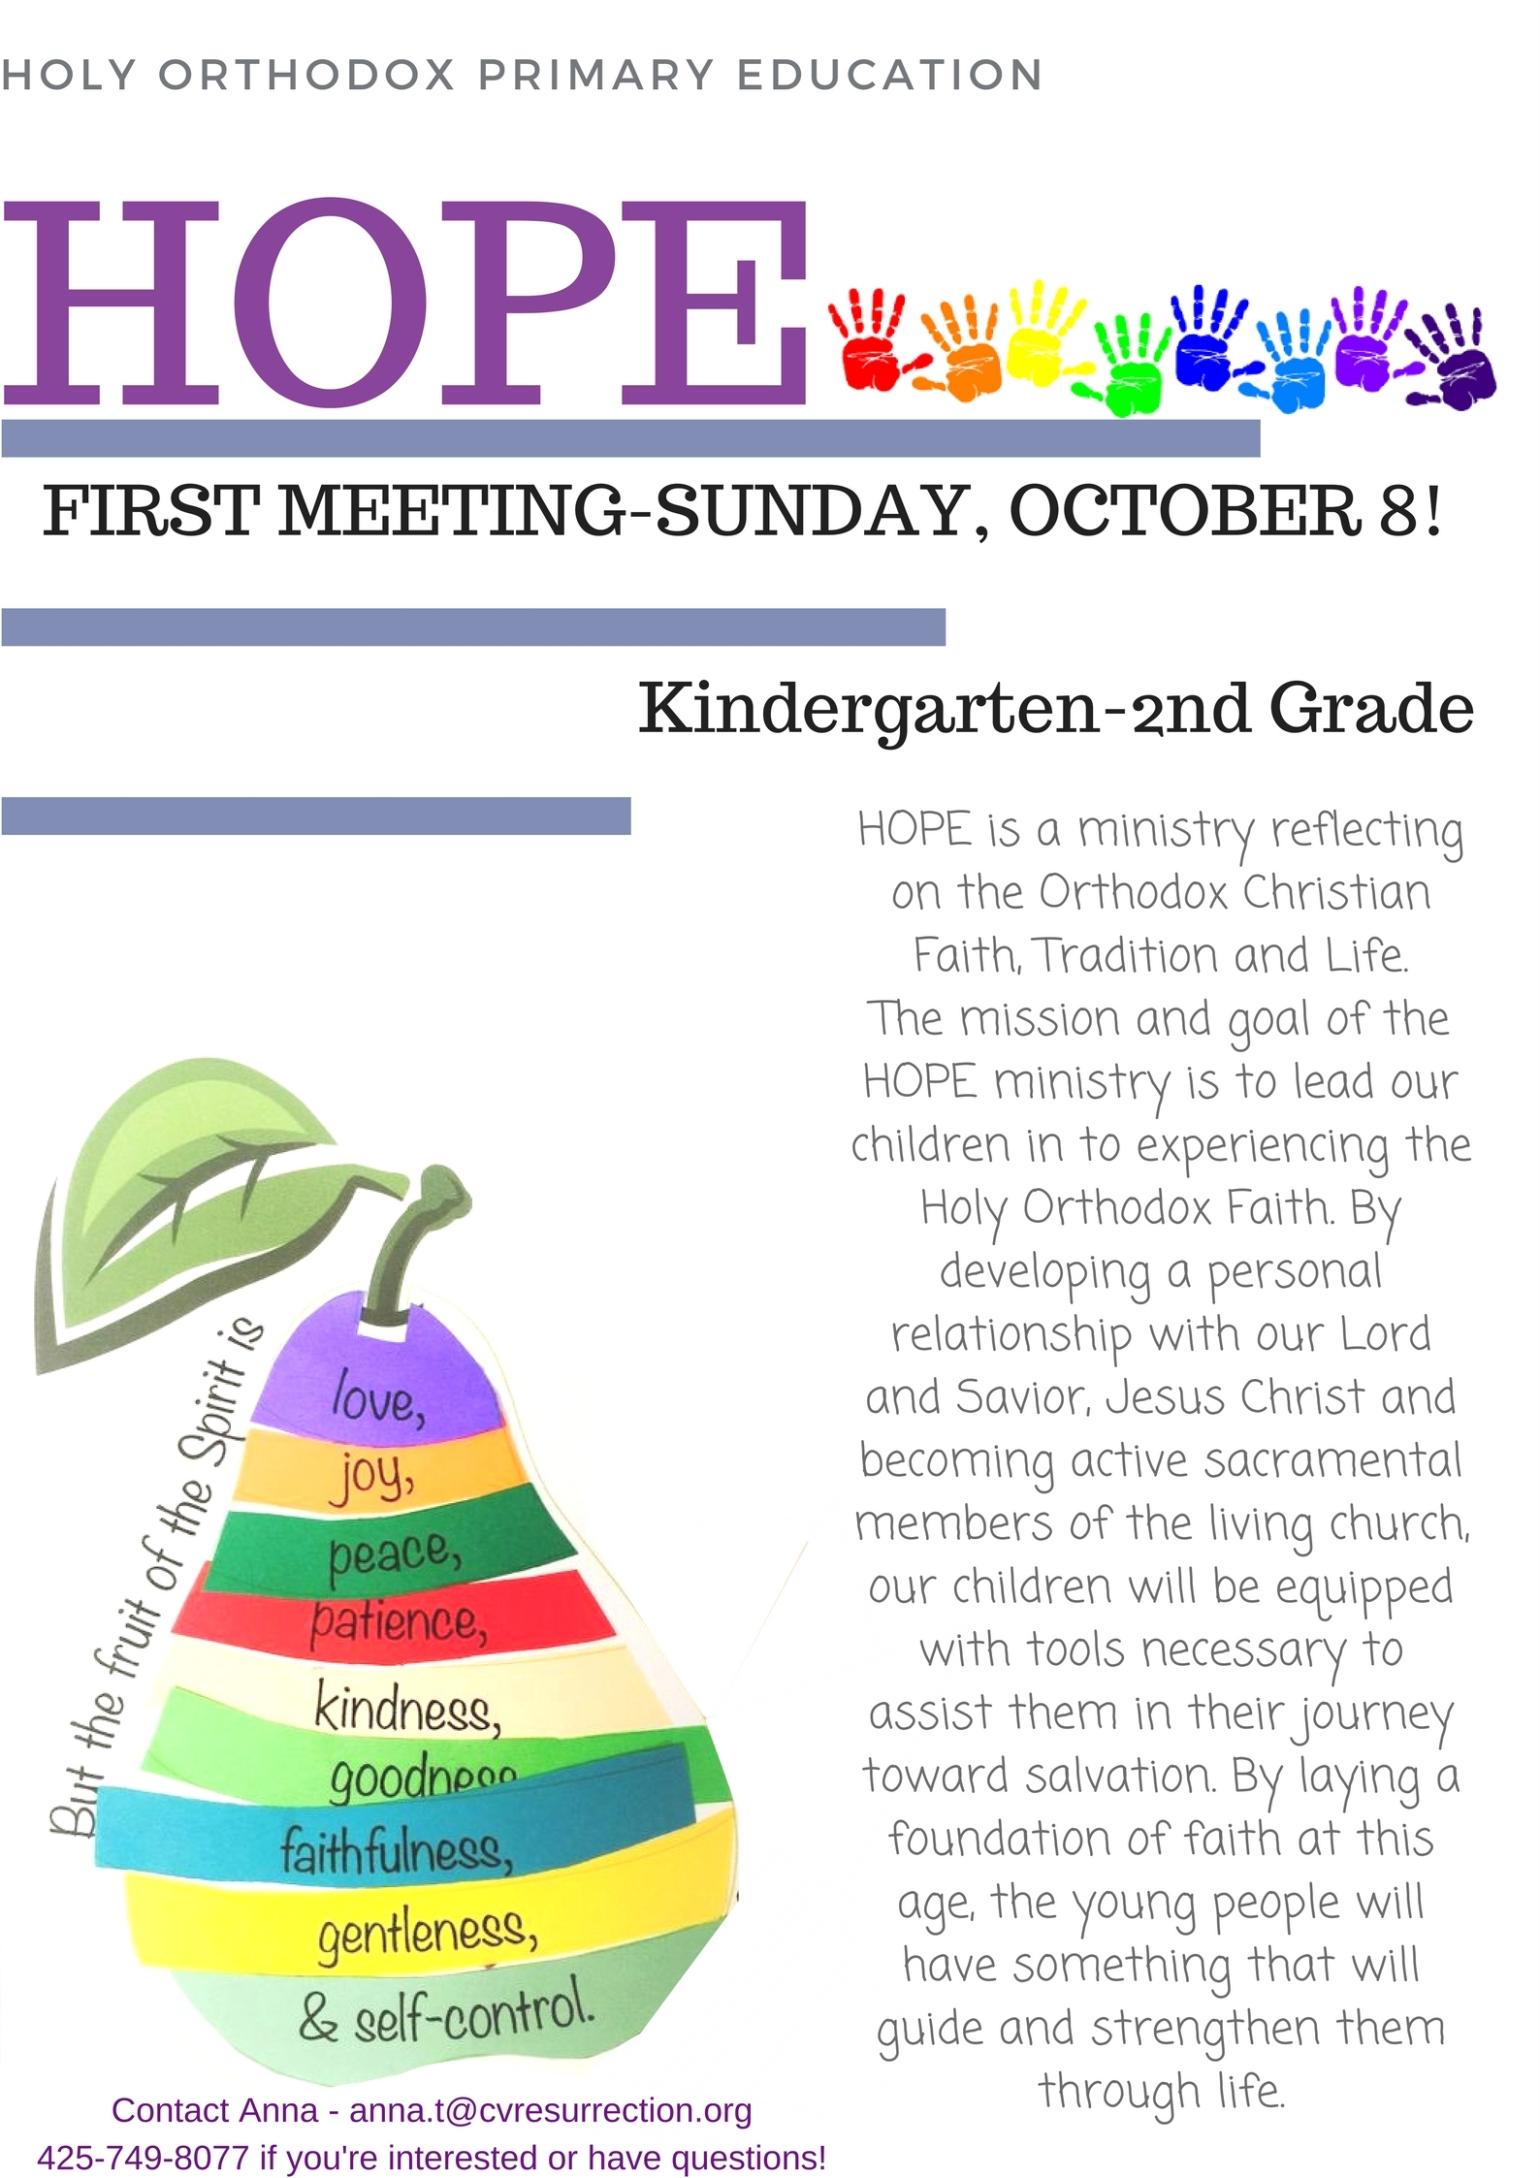 HOPEHoly Orthodox Primary Education (9)